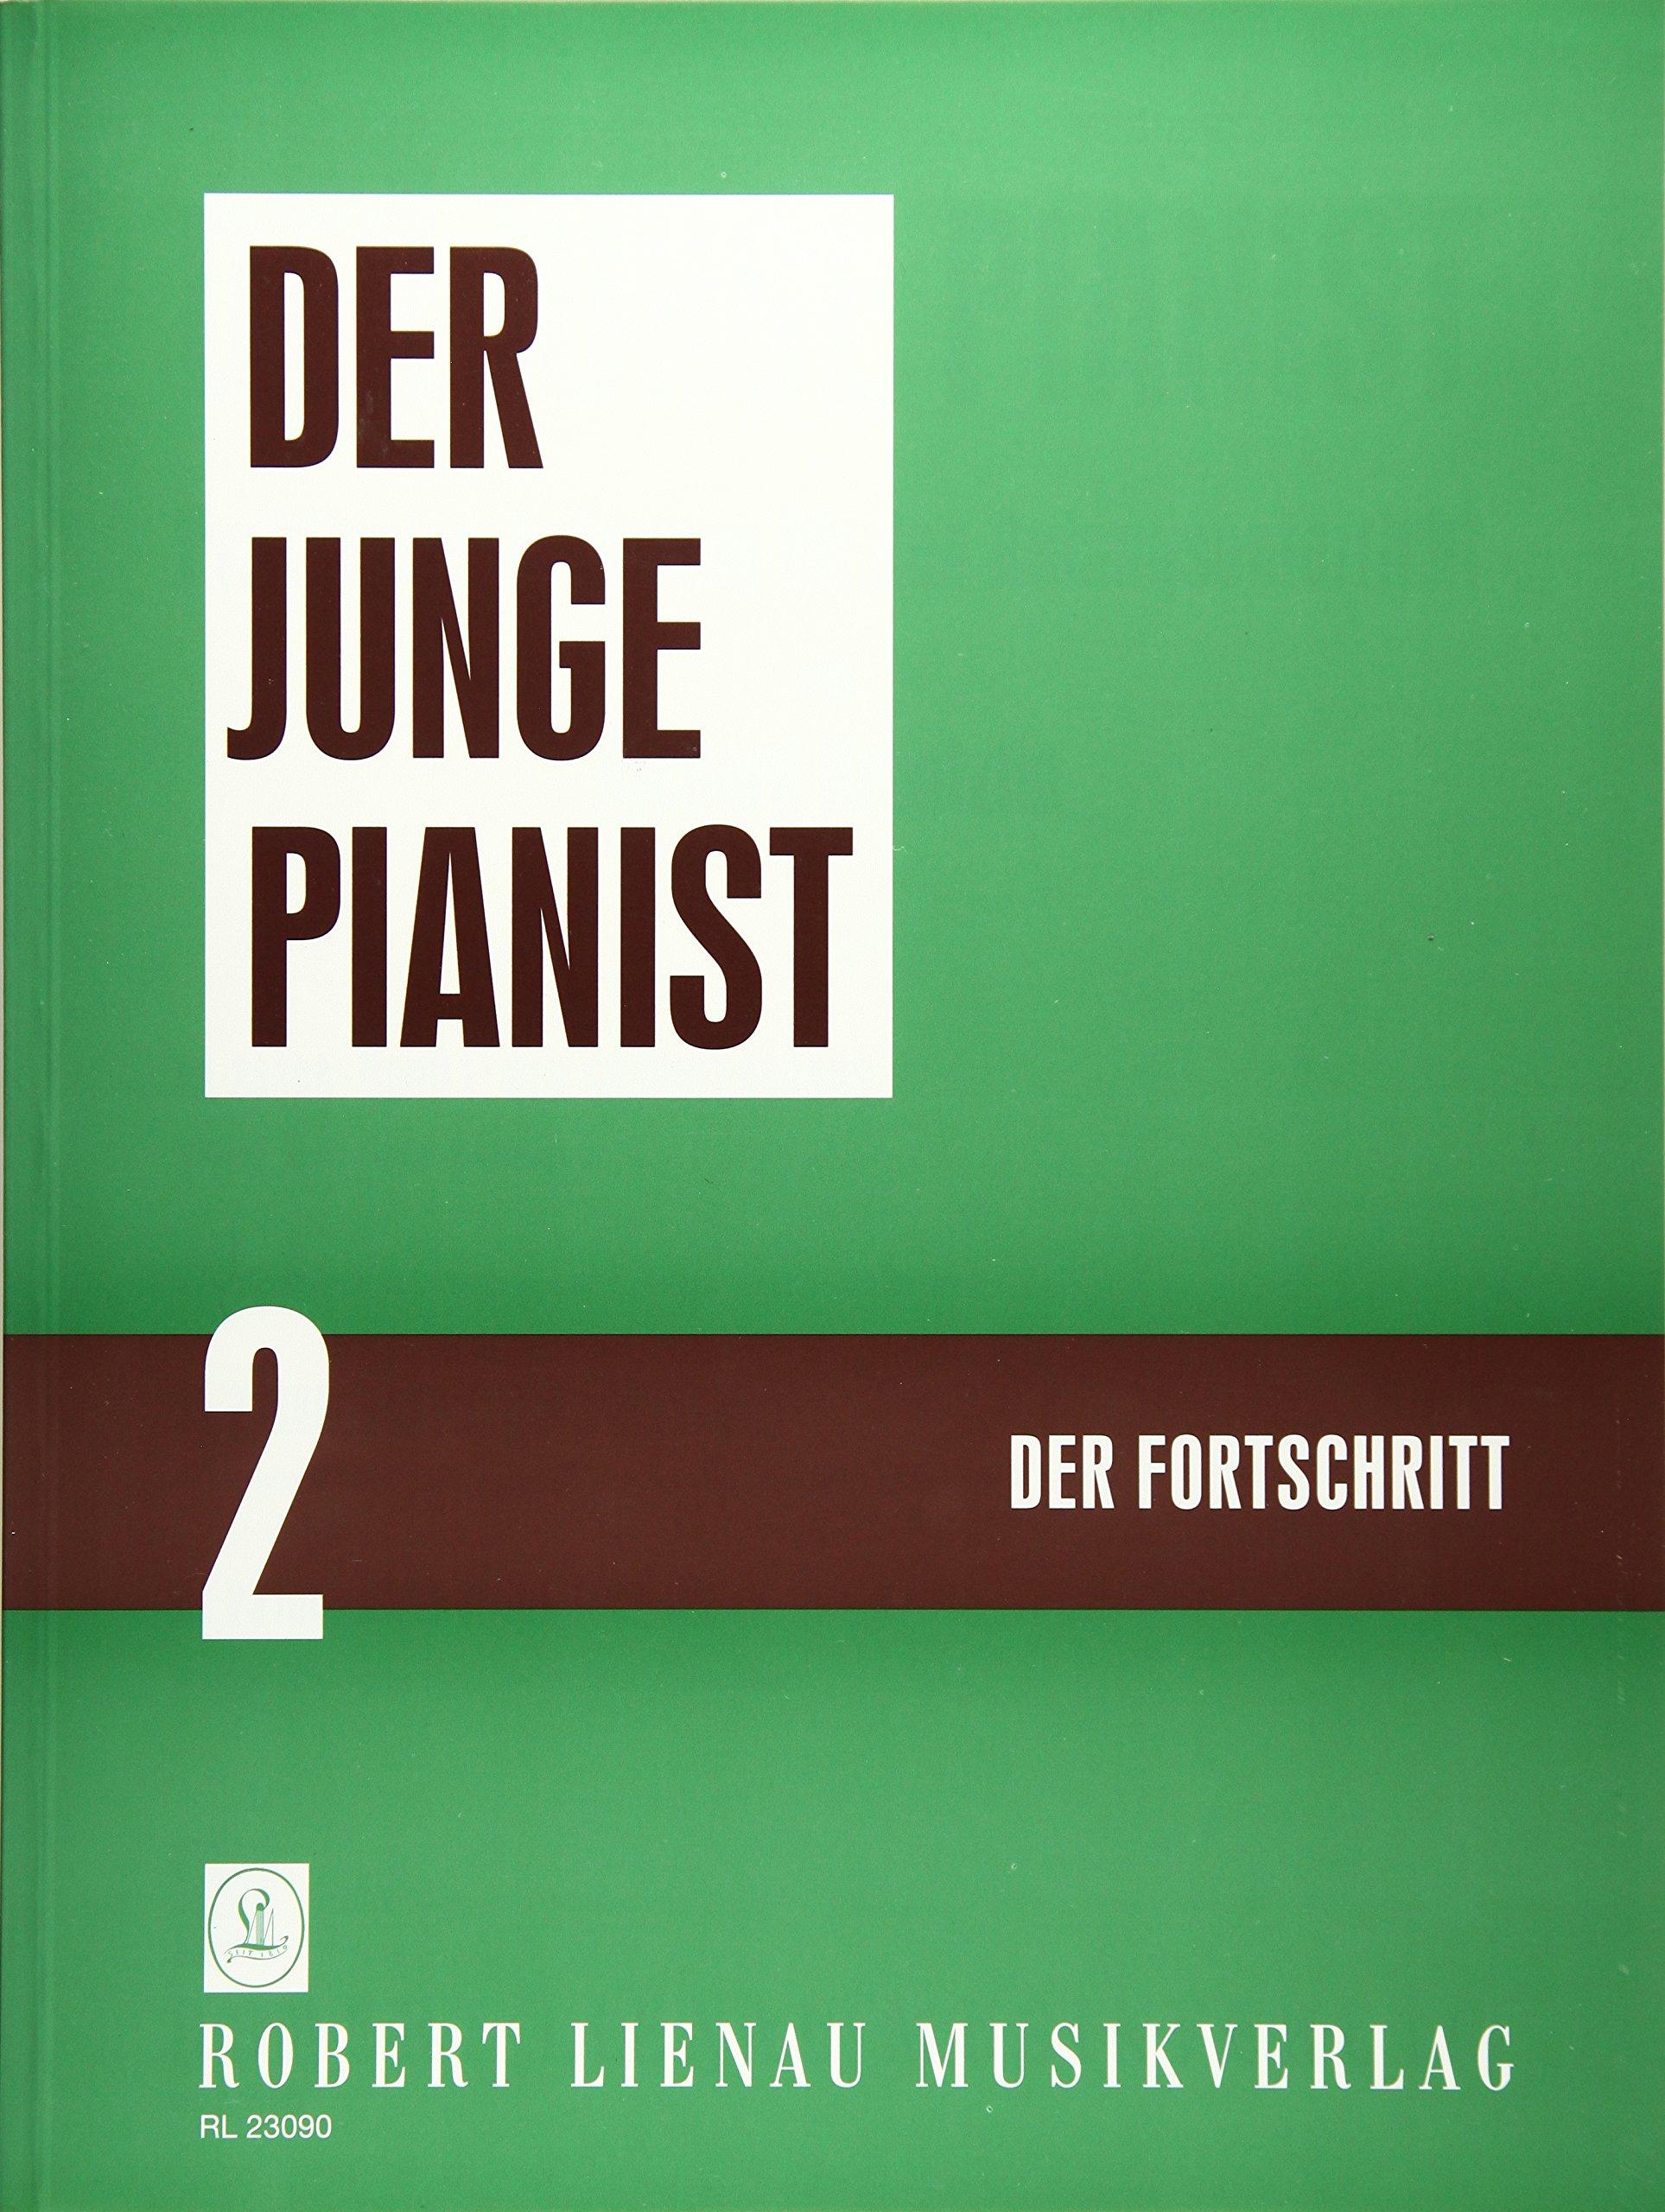 Der junge Pianist: Praktischer Lehrgang für den Anfangsunterricht. Band 2. Klavier. Lehrbuch.